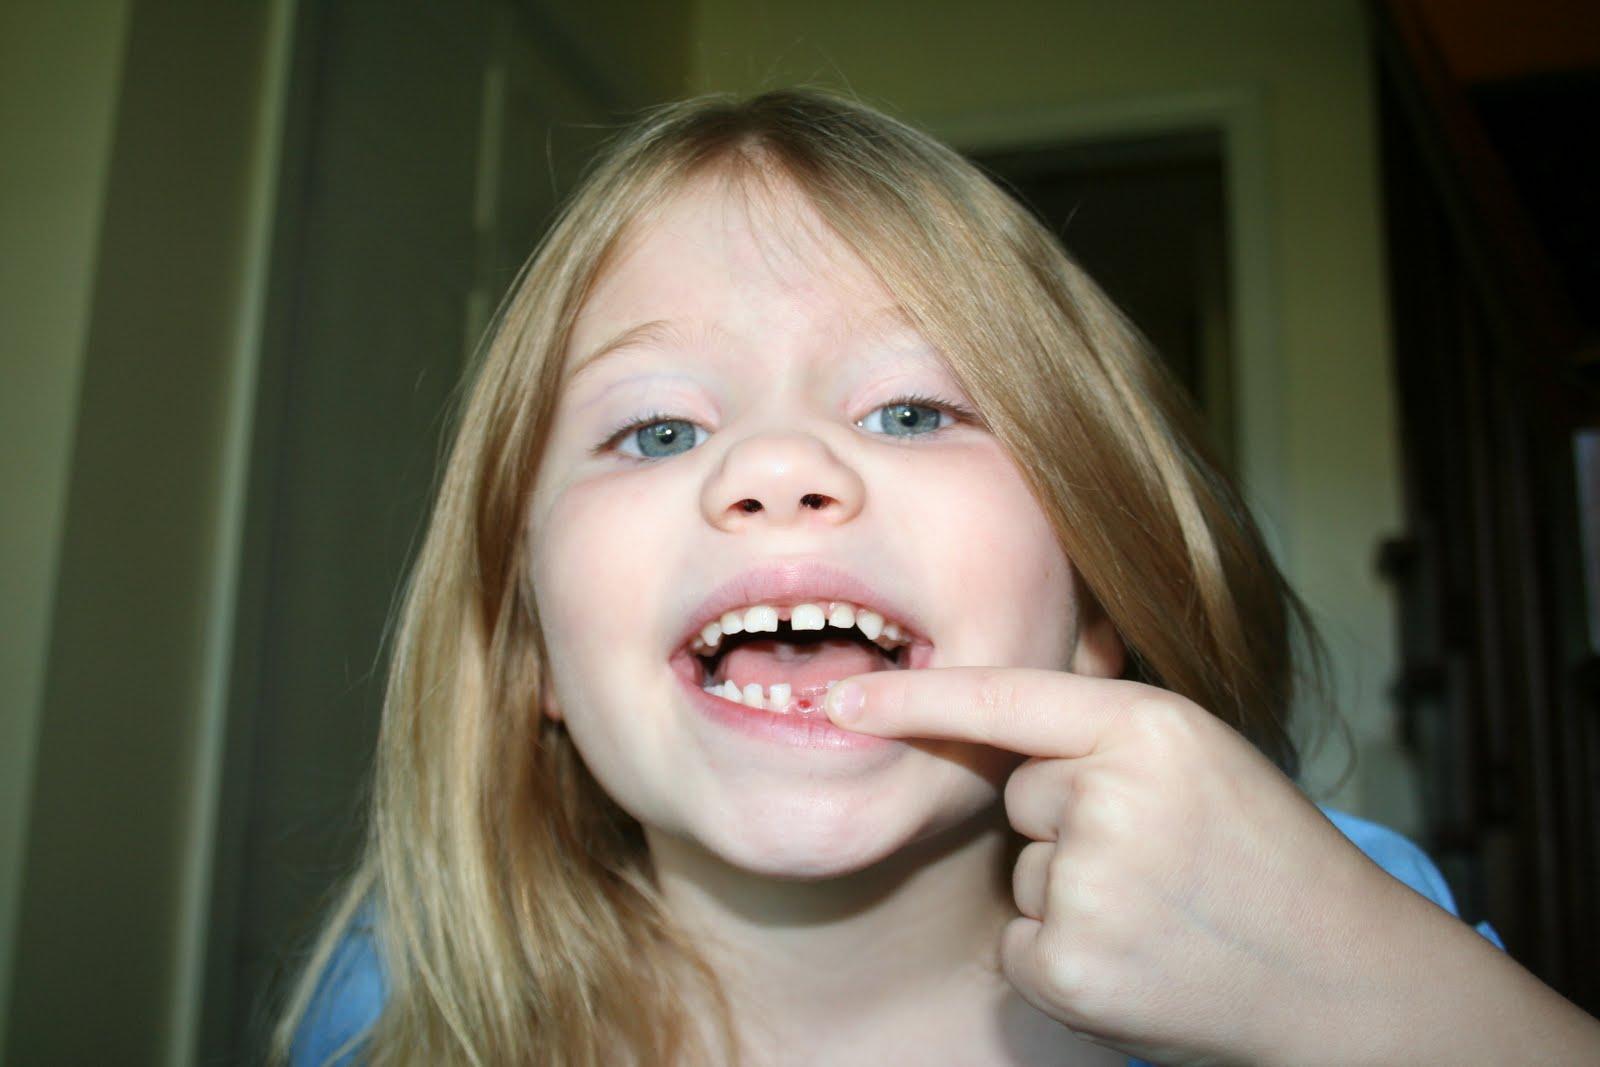 Как вырвать зуб без боли в домашних условиях 11